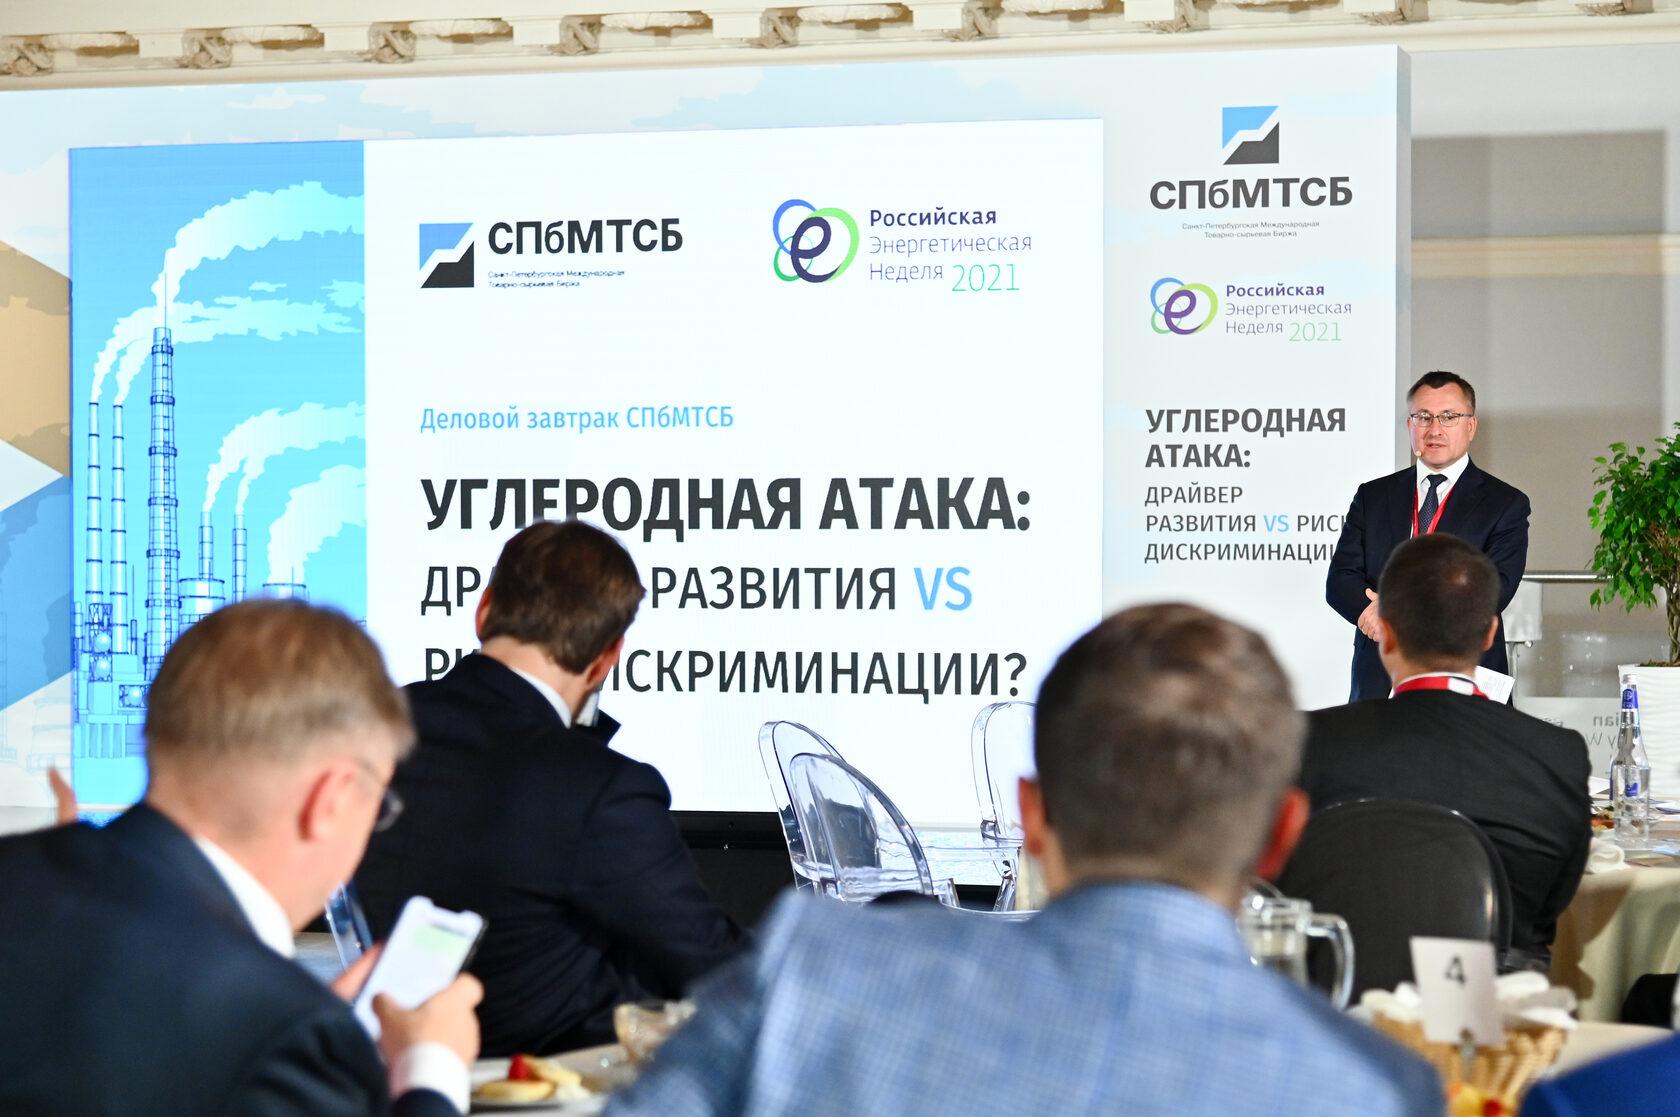 К 2050 году в России должно быть 70 ГВт ВИЭ